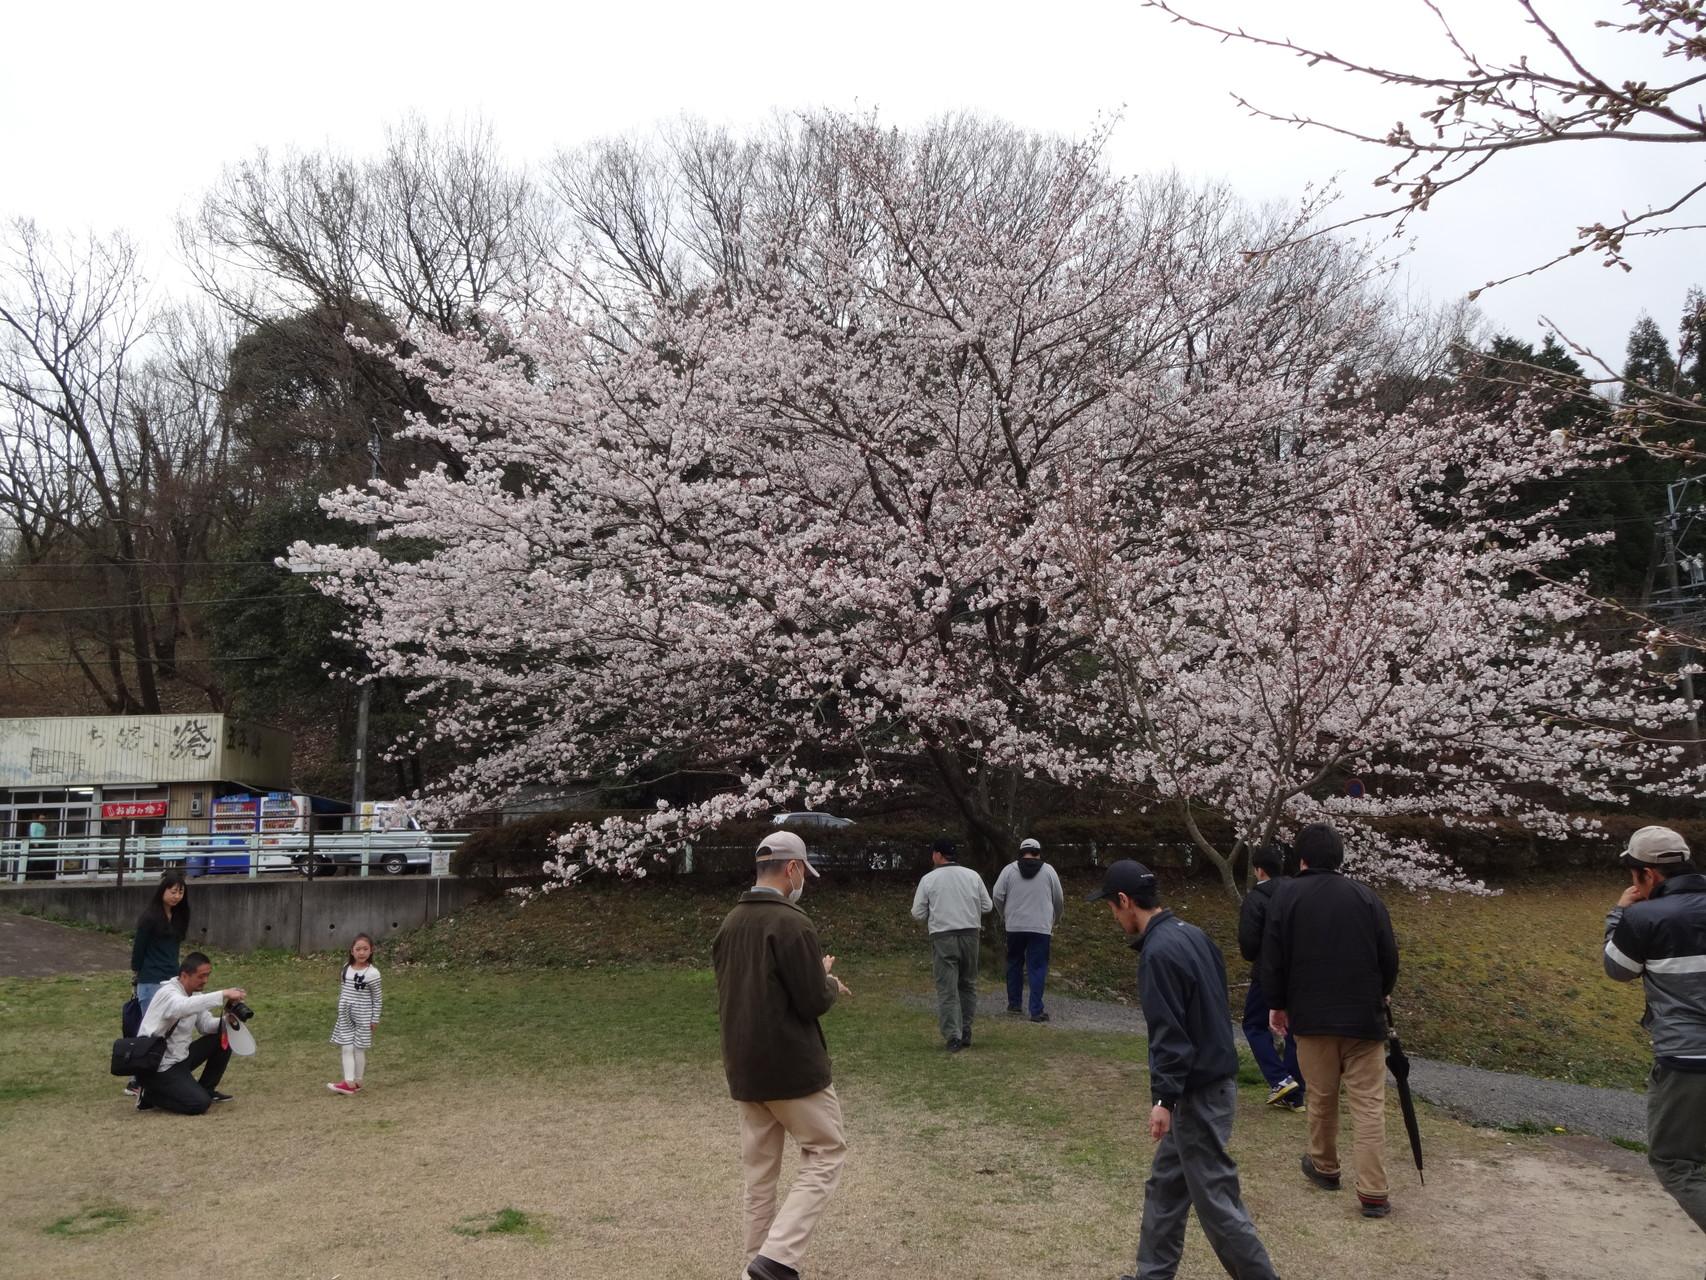 定光寺公園の桜。きれいに咲いています。